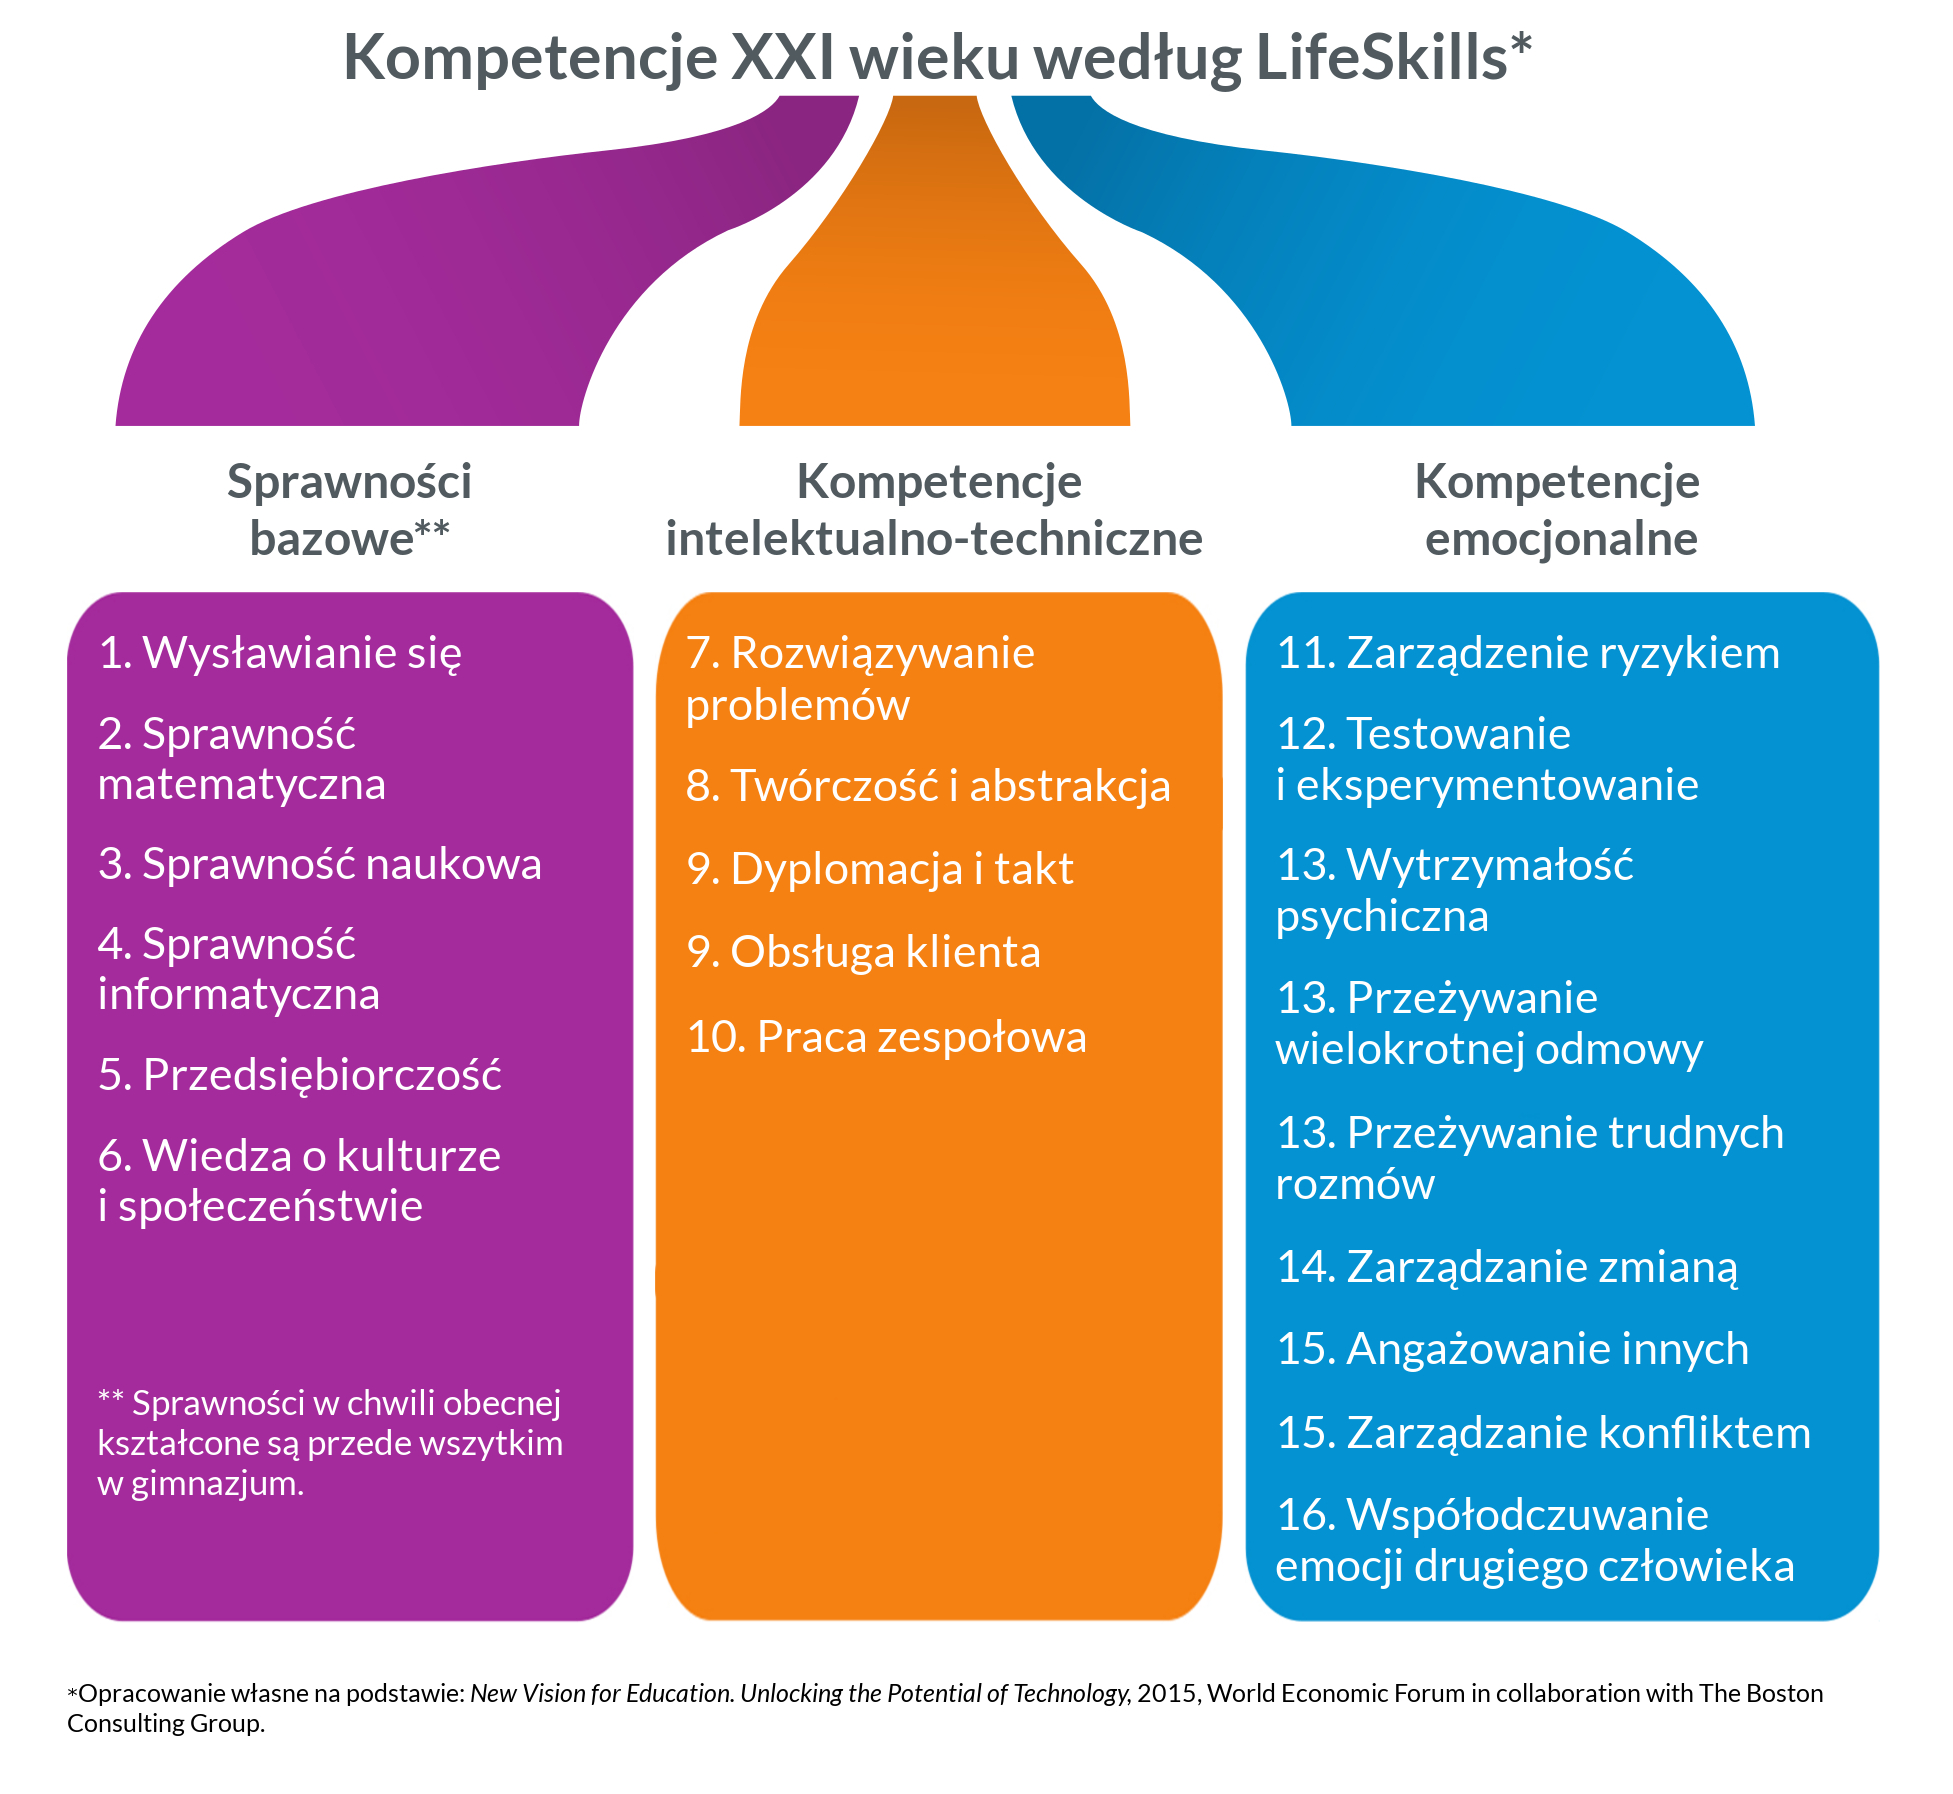 Kompetencje 21-ego wieku według LifeSkills